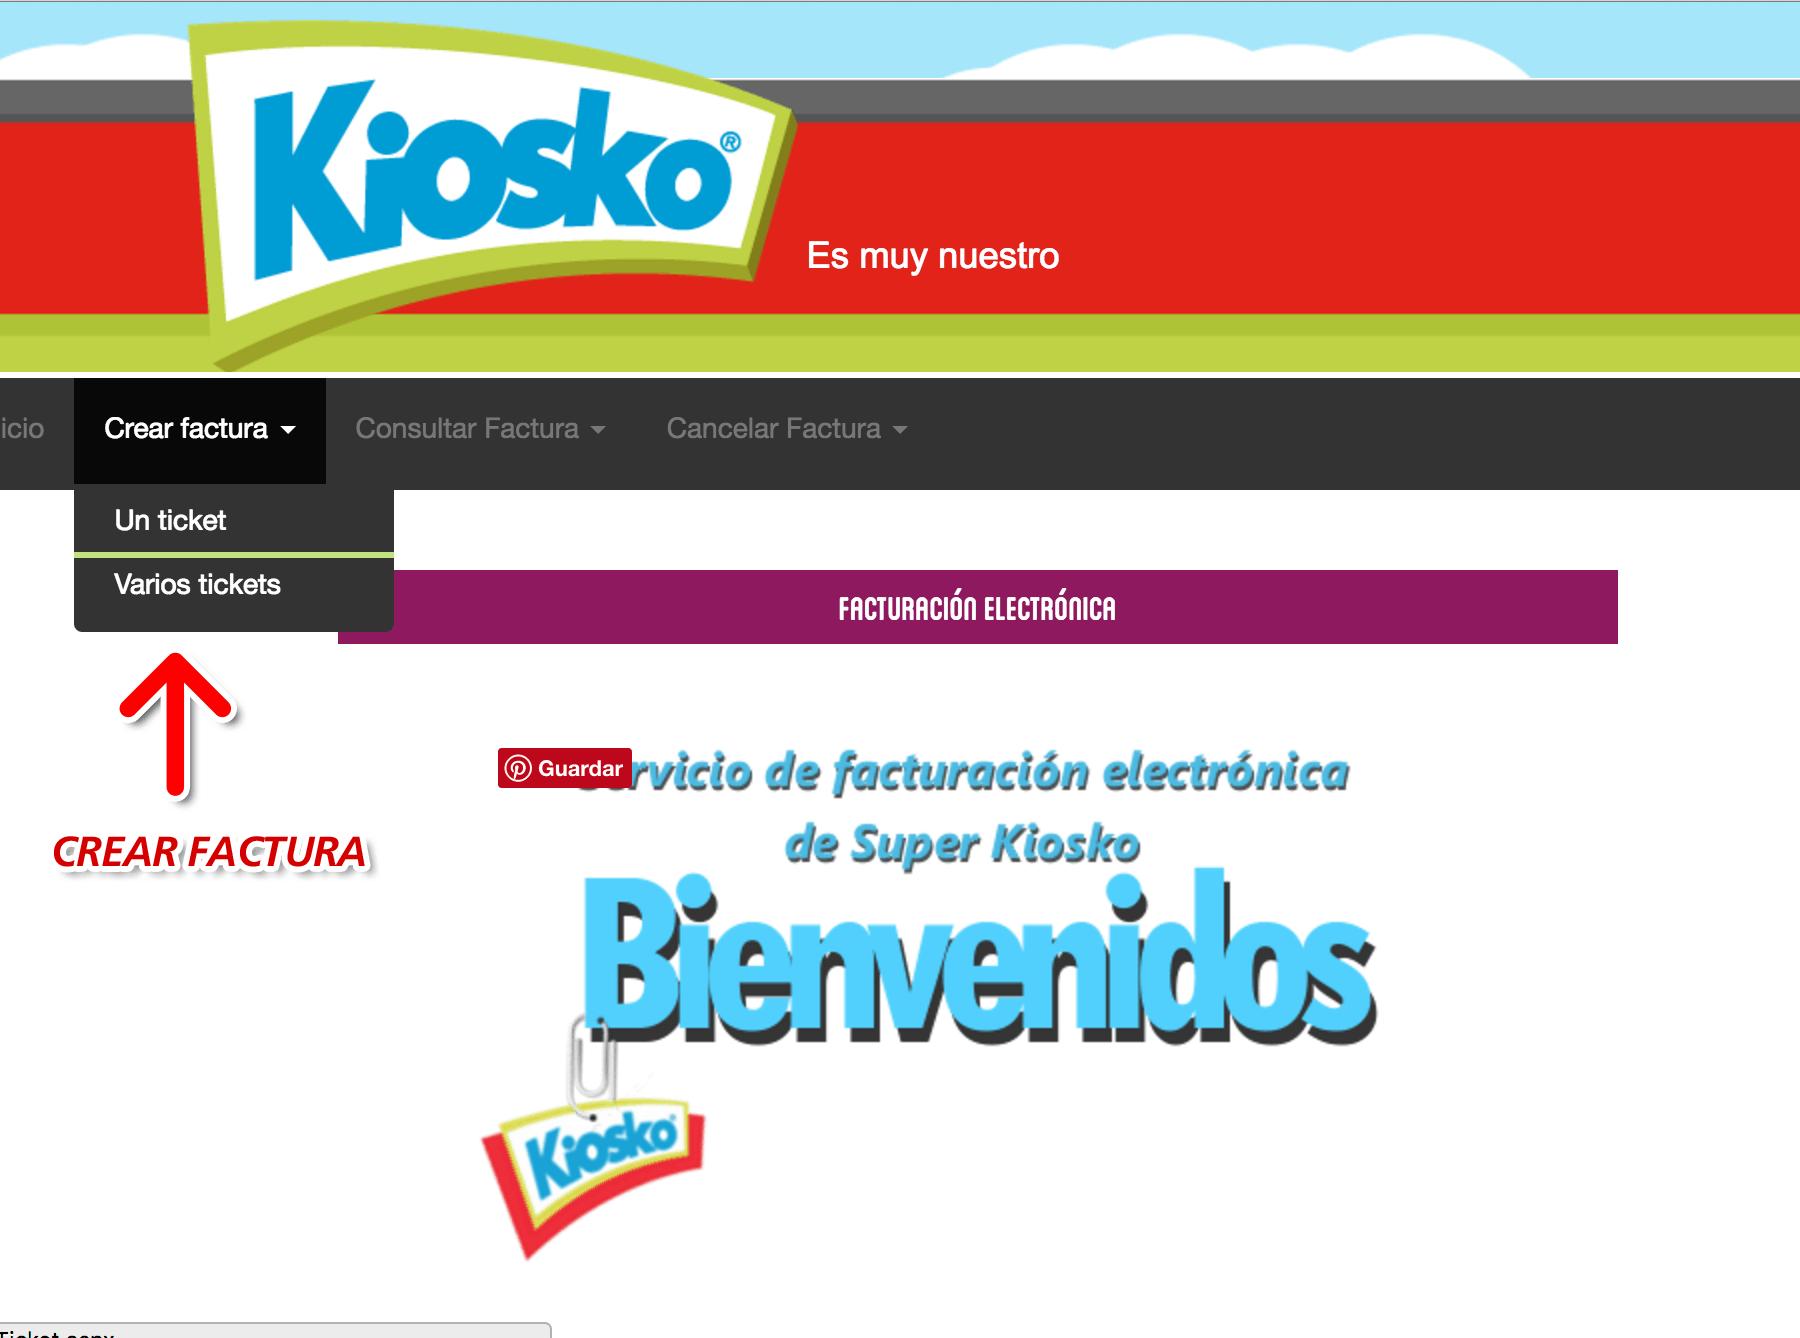 Kiosko Facturación